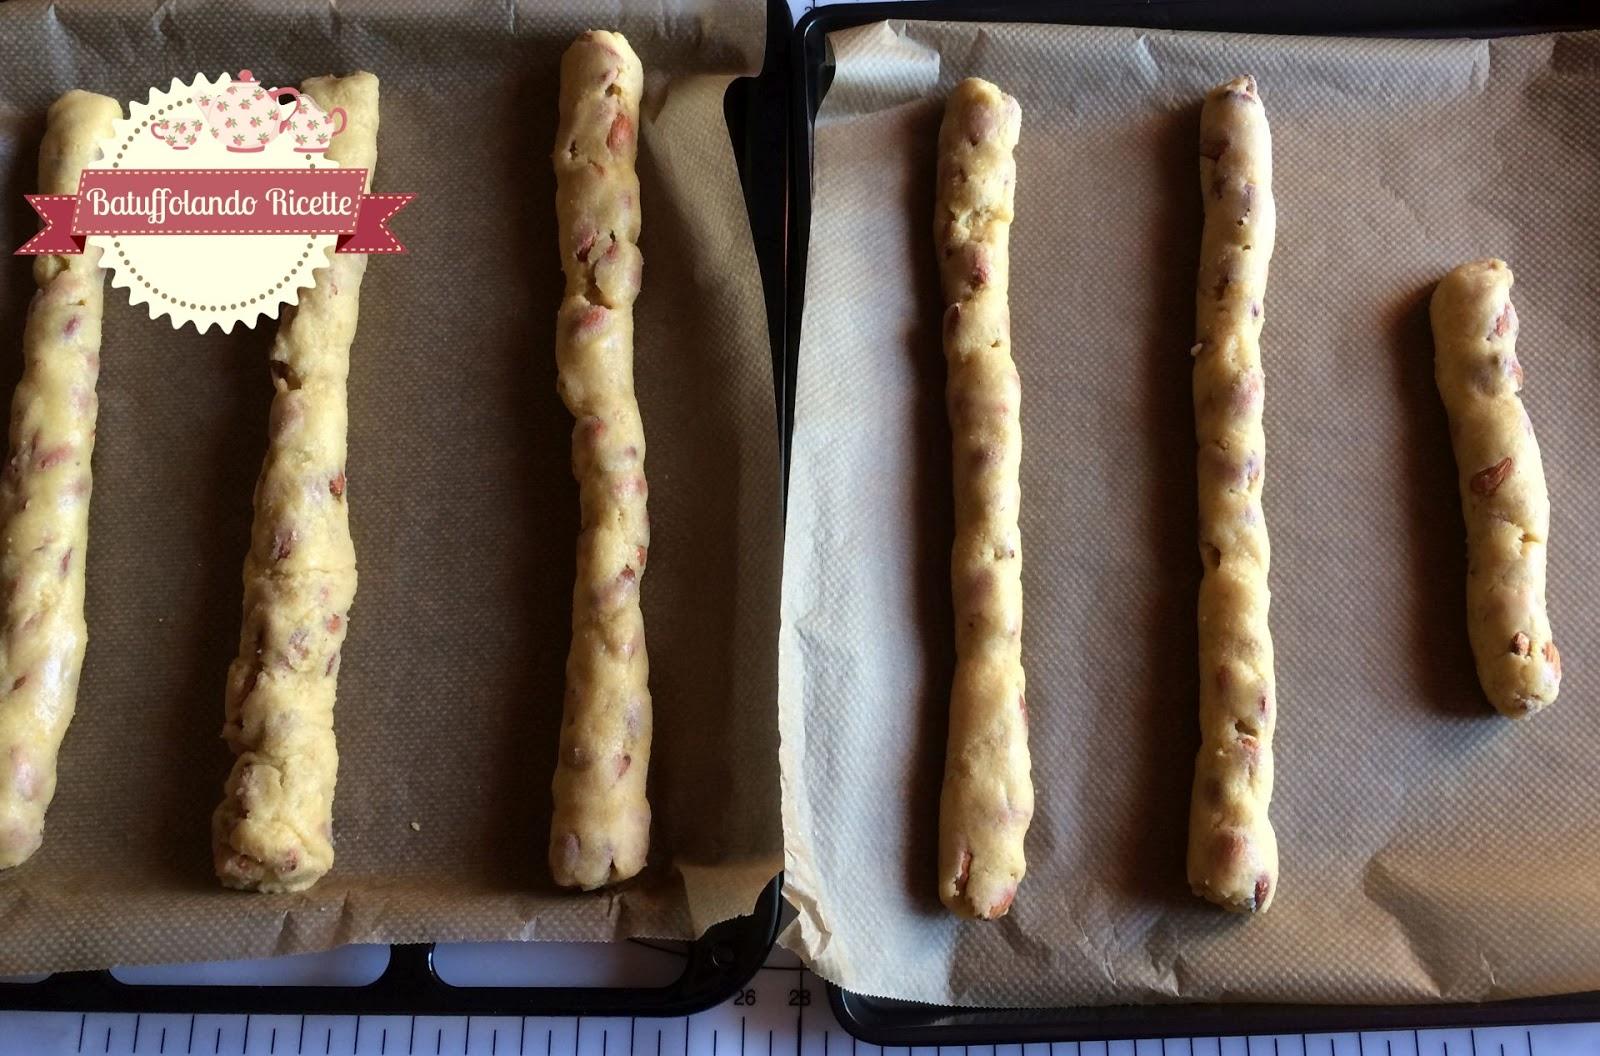 Biscotti Da Credenza Alice : Batuffolando ricette: biscotti di prato cantucci giovanni pina